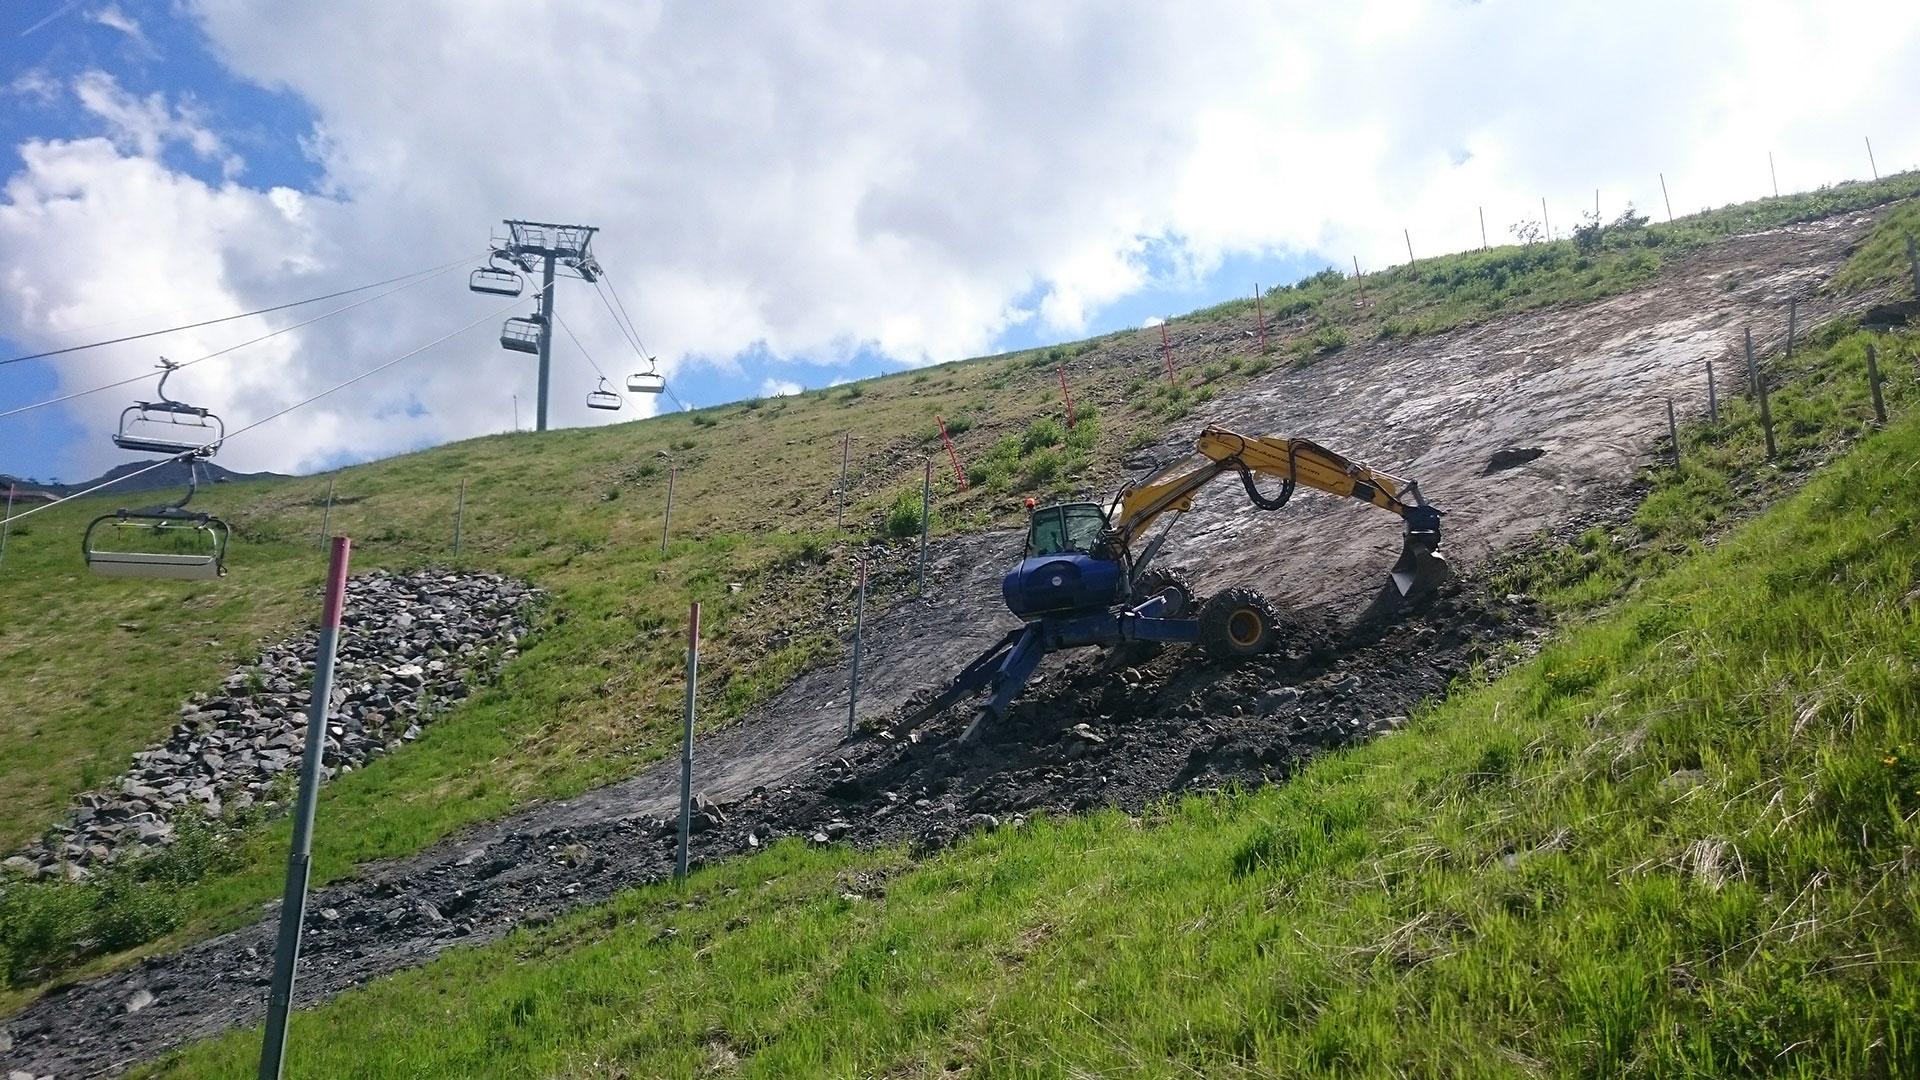 Duperier TP en Savoie - Talus en forte pente - Pelle araignée Kaiser pour travaux en montagne